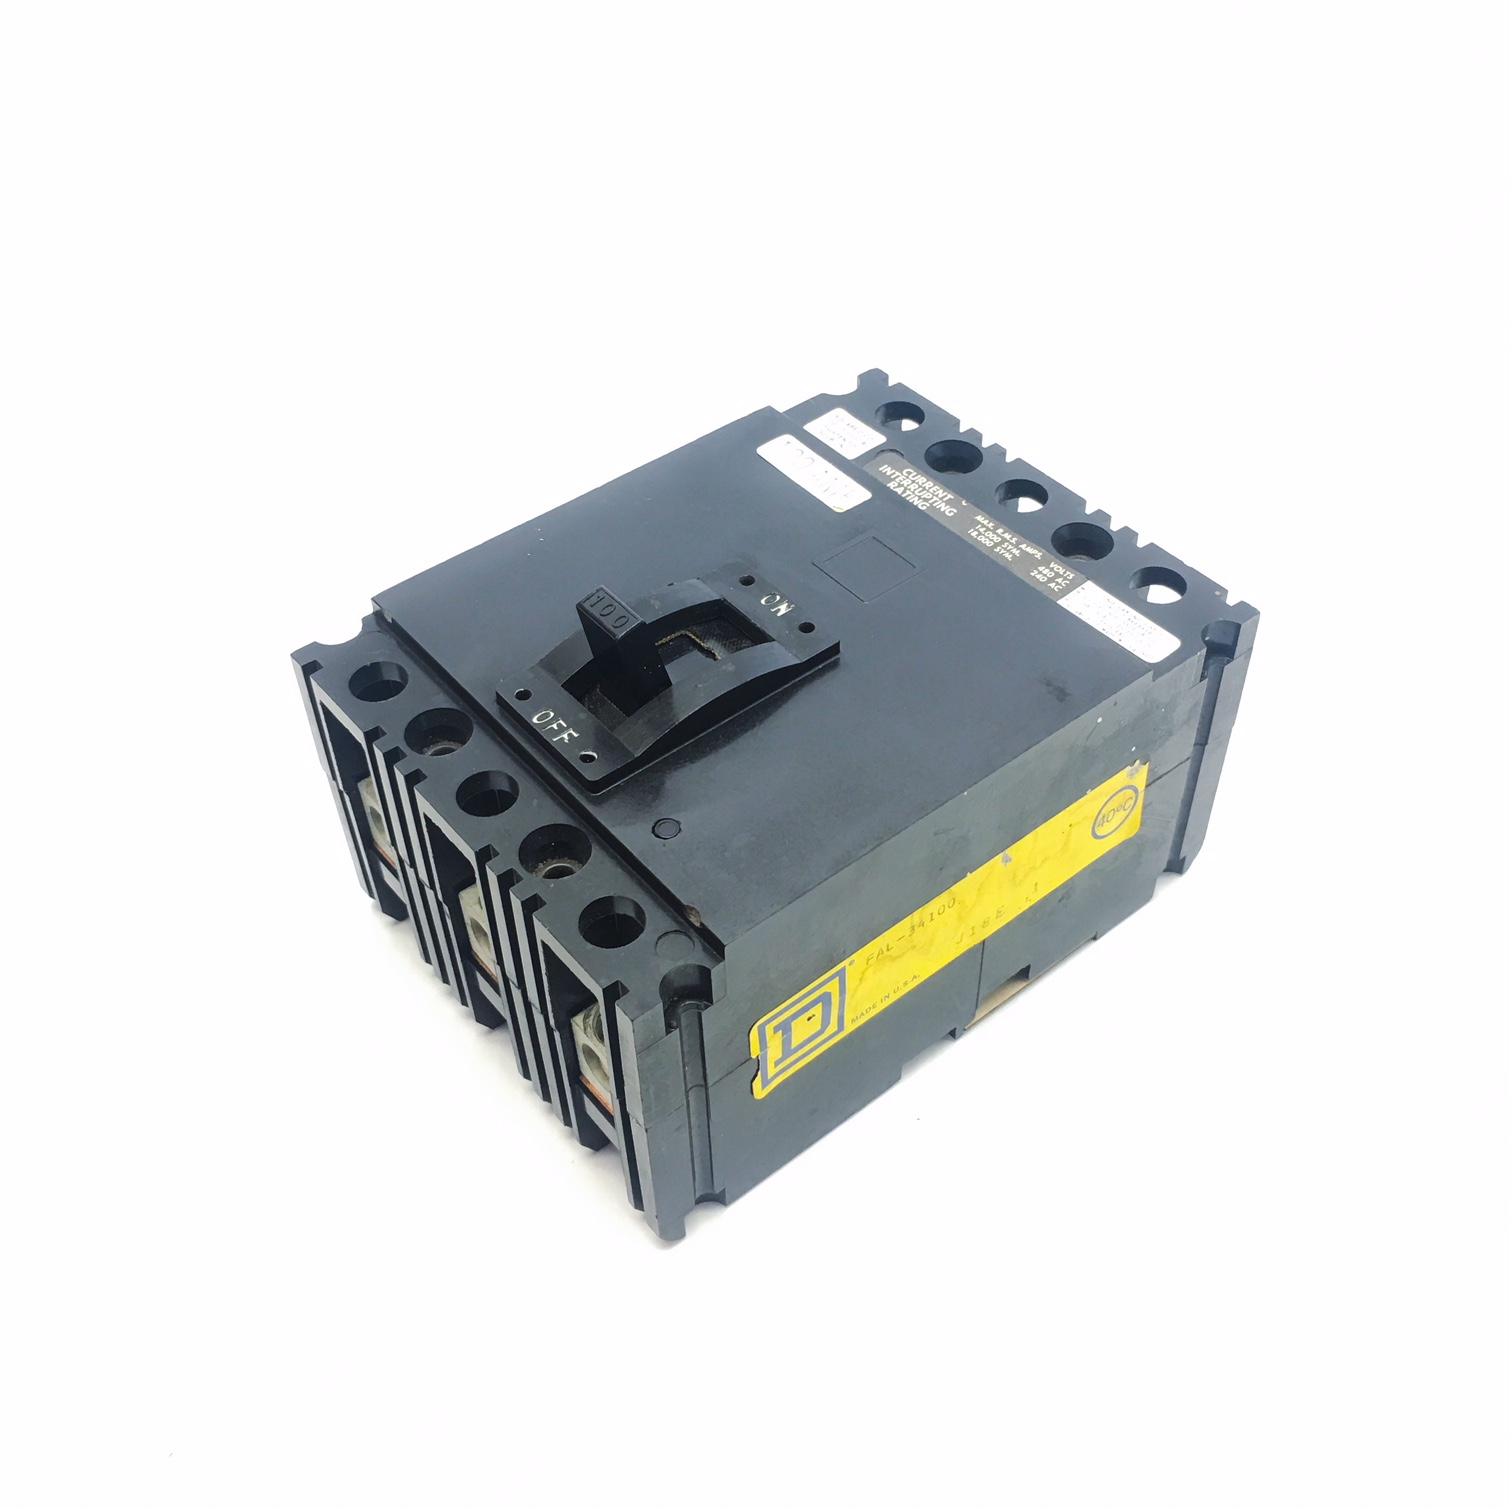 Square D Circuit Breaker FAL24100 2 Pole 100 Amp 480 Volt